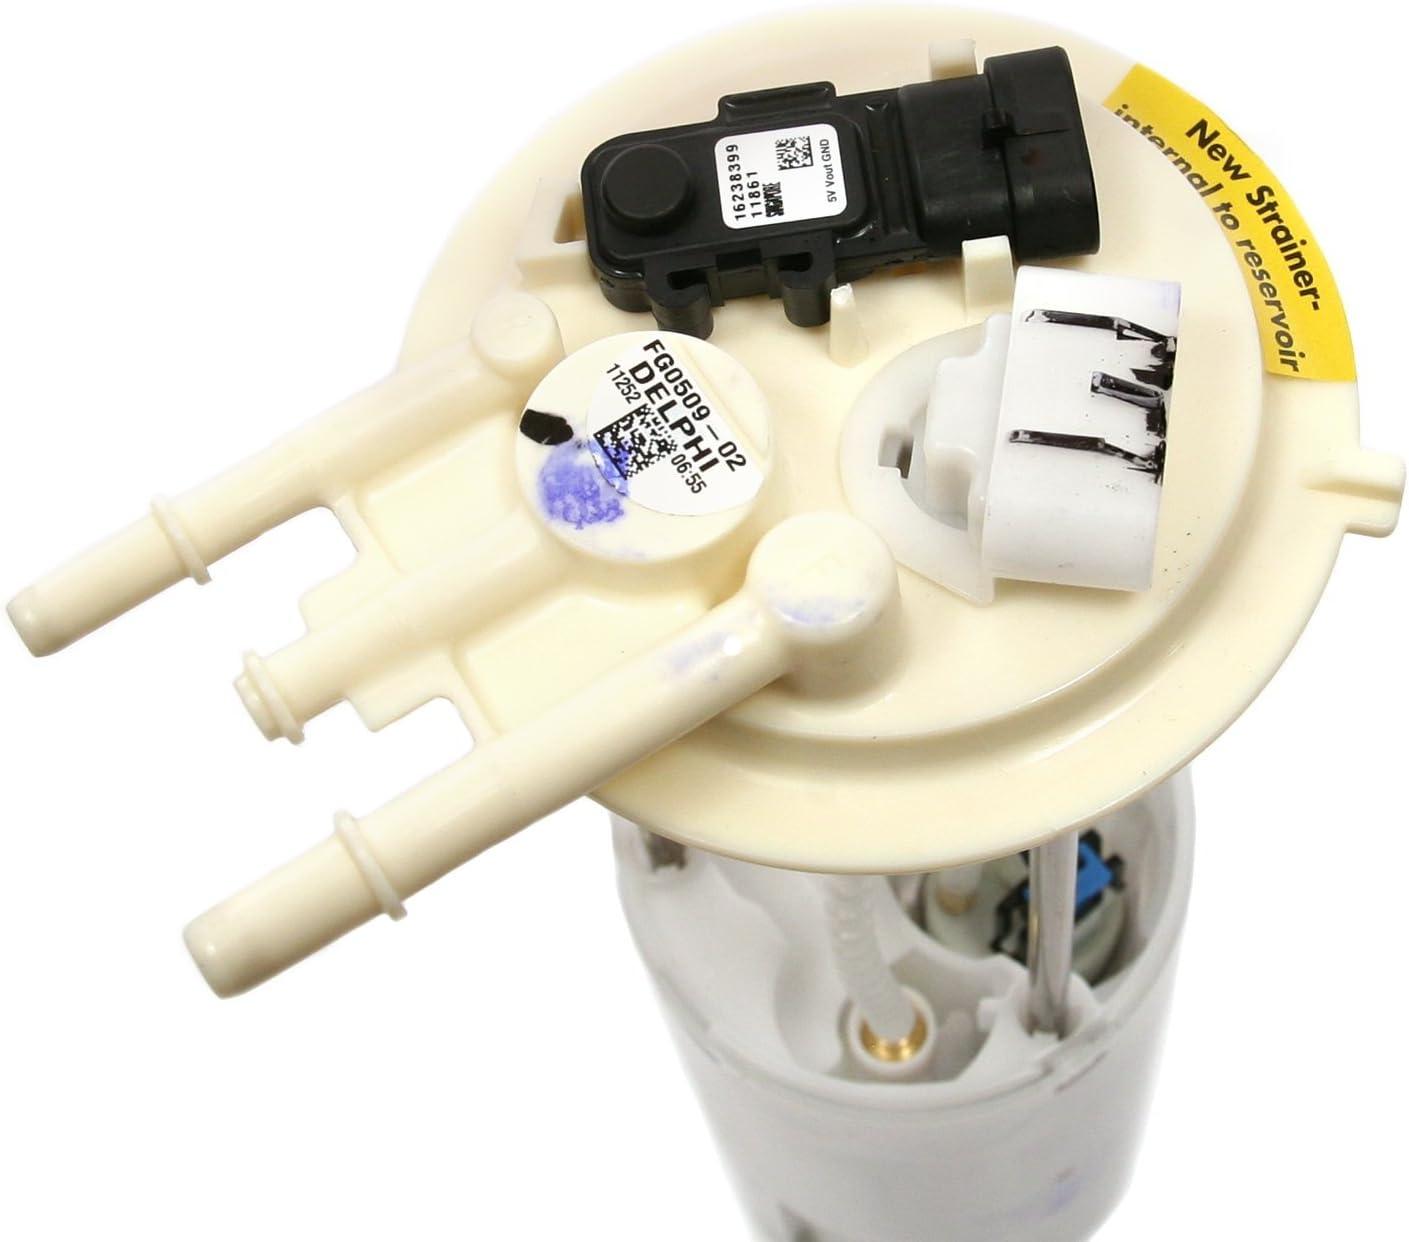 Delphi FG0509 Electric Fuel Pump Sending Unit Module for Passport Rodeo New